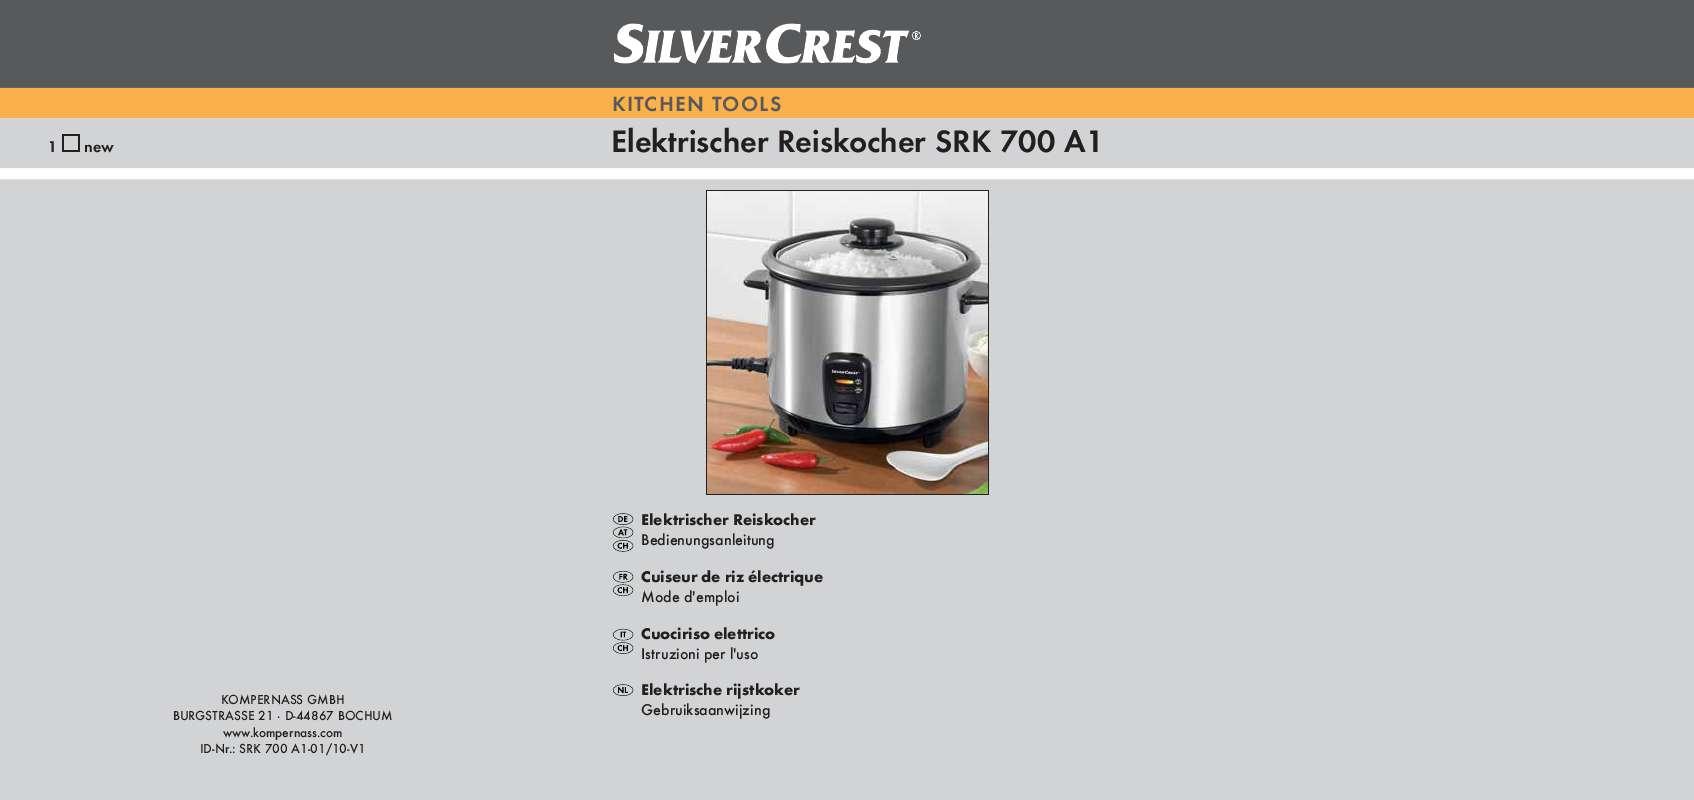 Guide utilisation  SILVERCREST SRK 700 A1  de la marque SILVERCREST